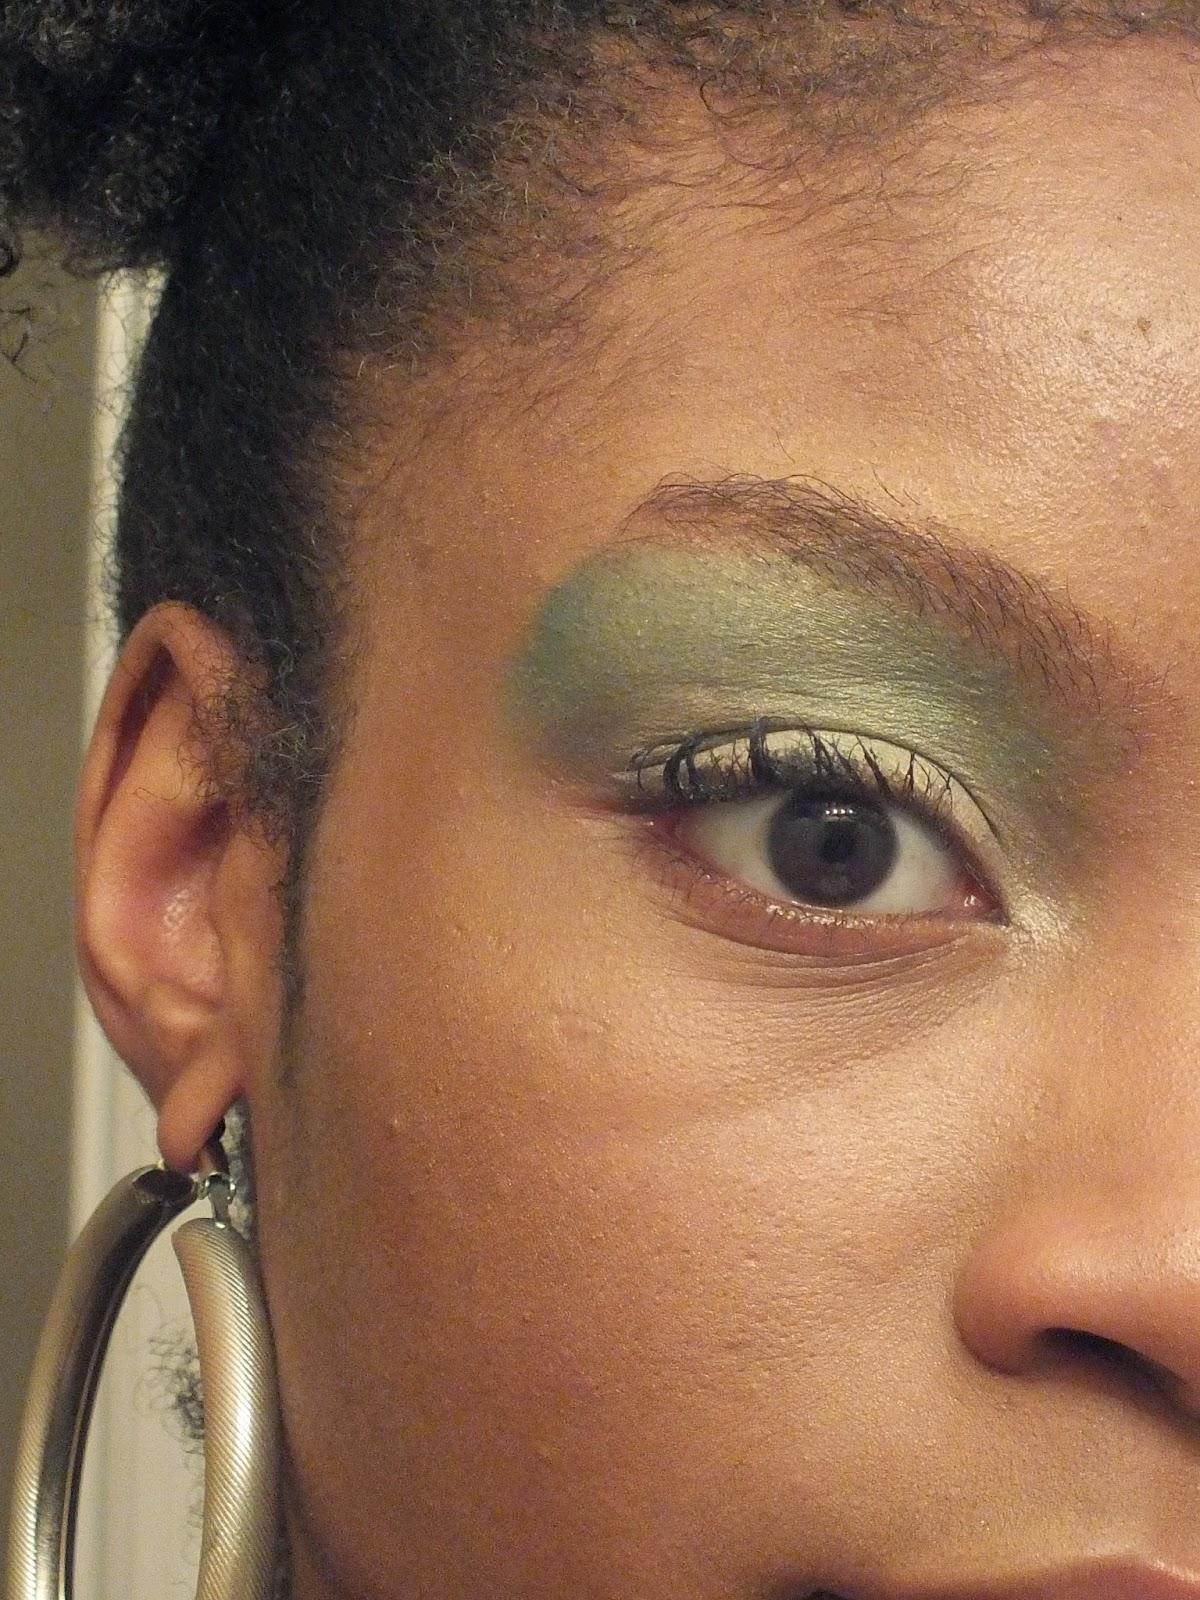 green+eyeshadow+for+brown+eyes.JPG